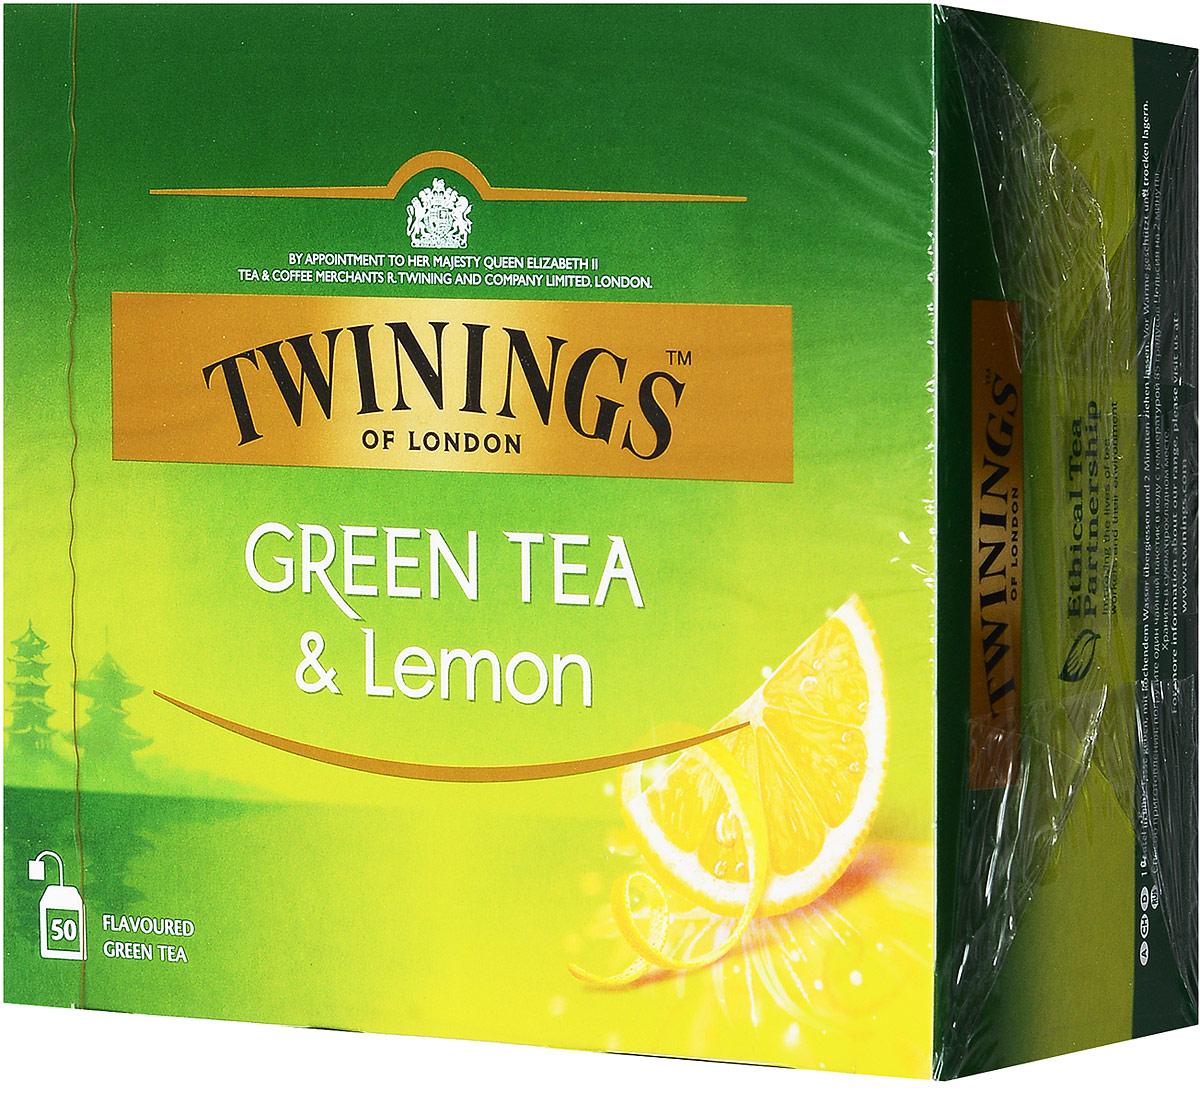 Twinings Green Tea & Lemon зелёный чай с цедрой лимона в пакетиках, 50 шт lipton lemon melissa green tea зеленый чай в пирамидках с листочками лимонной мяты 20 шт